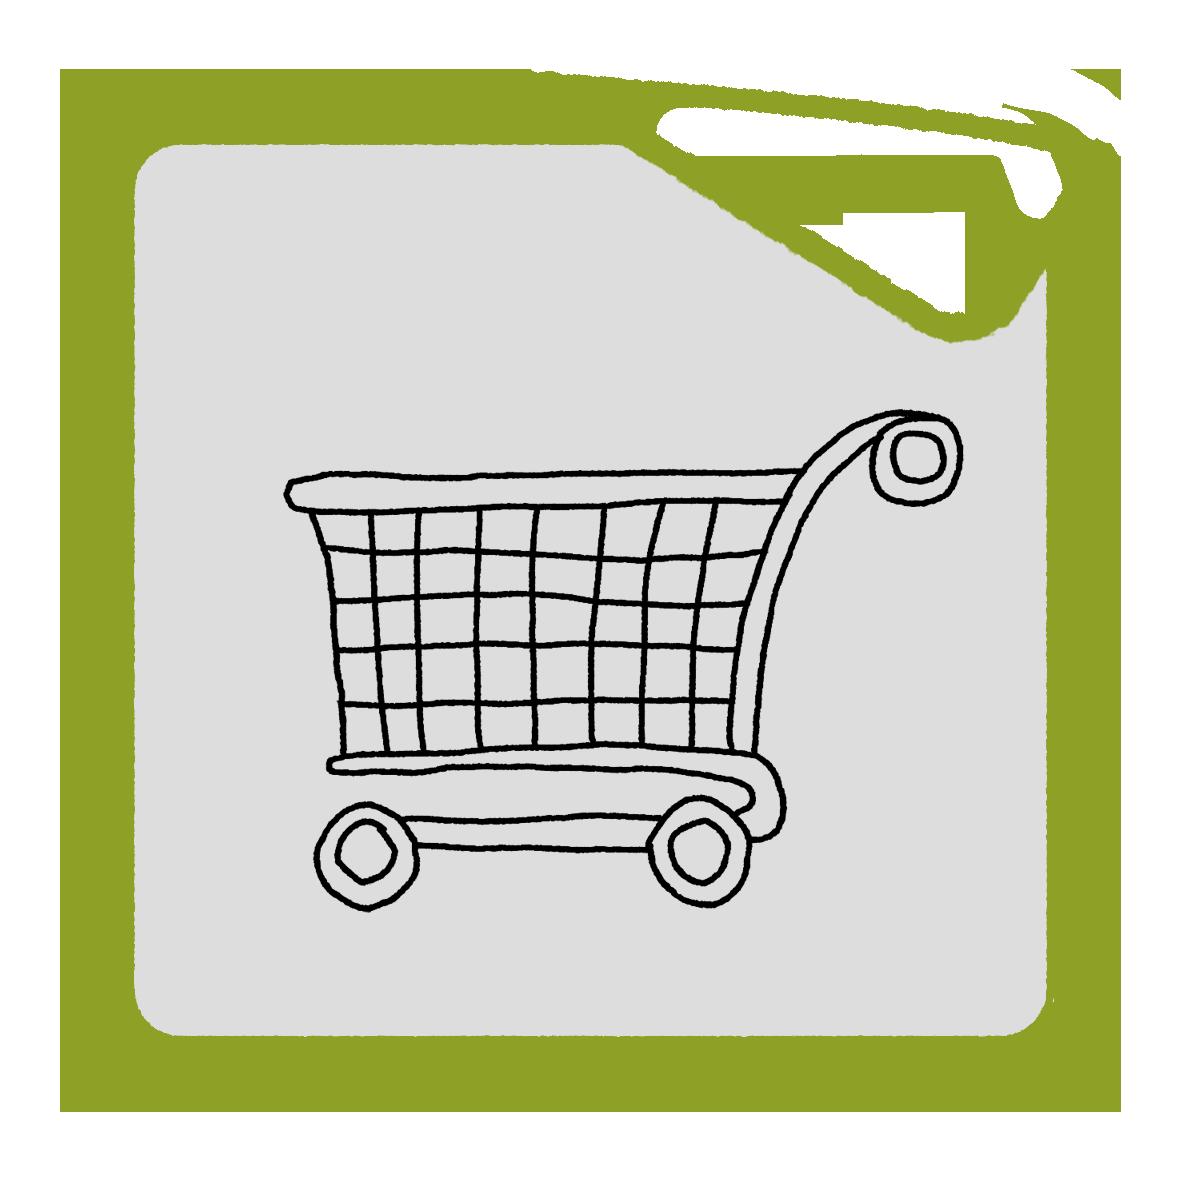 Particuliere Incass Online Aankopen - Retourrecht - Garantie - Niet ontvangen goederen-